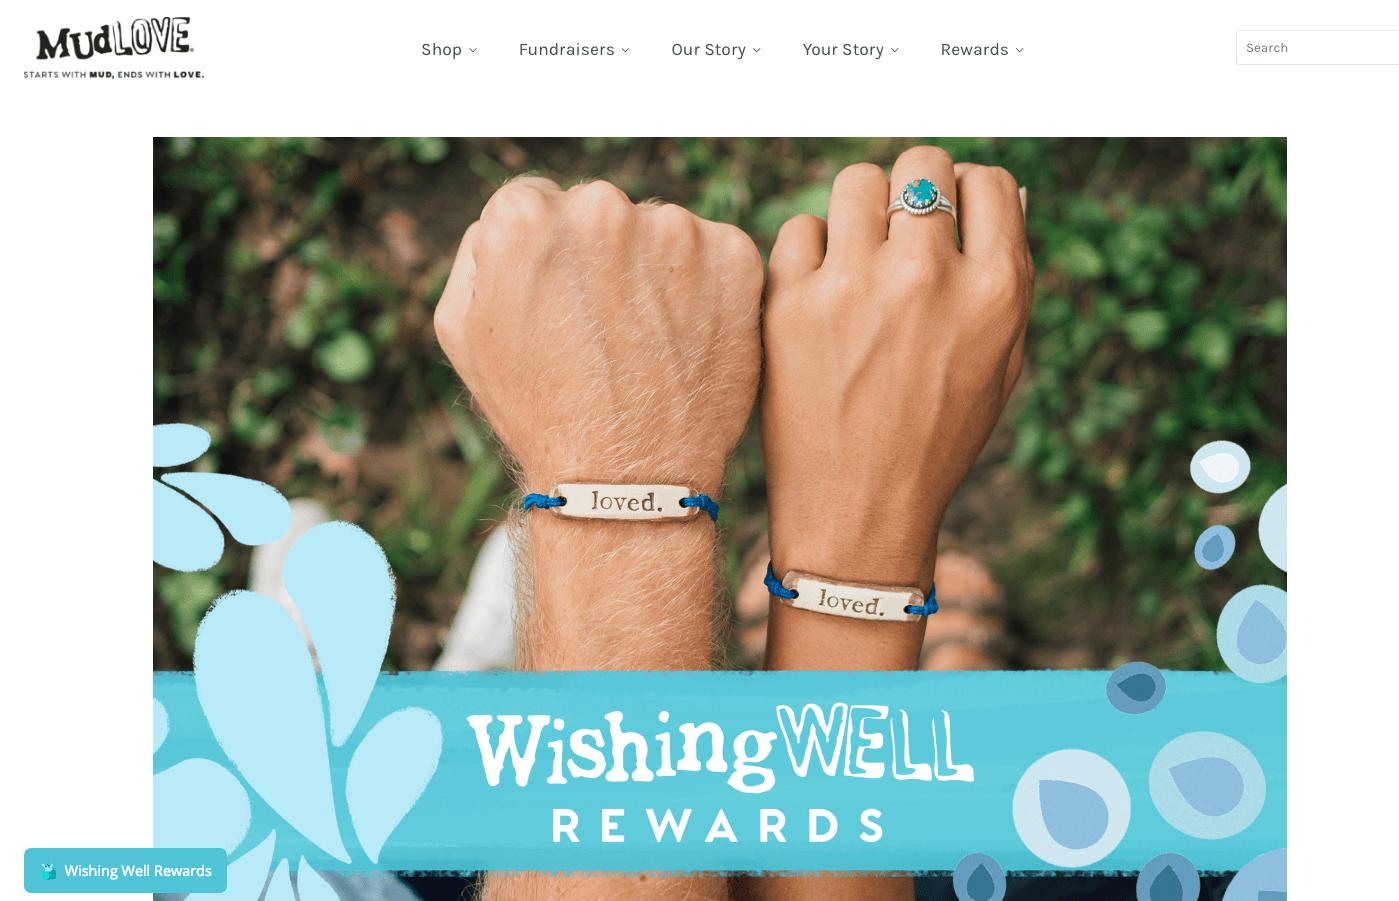 Best Rewards of 2018 - MudLOVE Wishing Well Rewards home